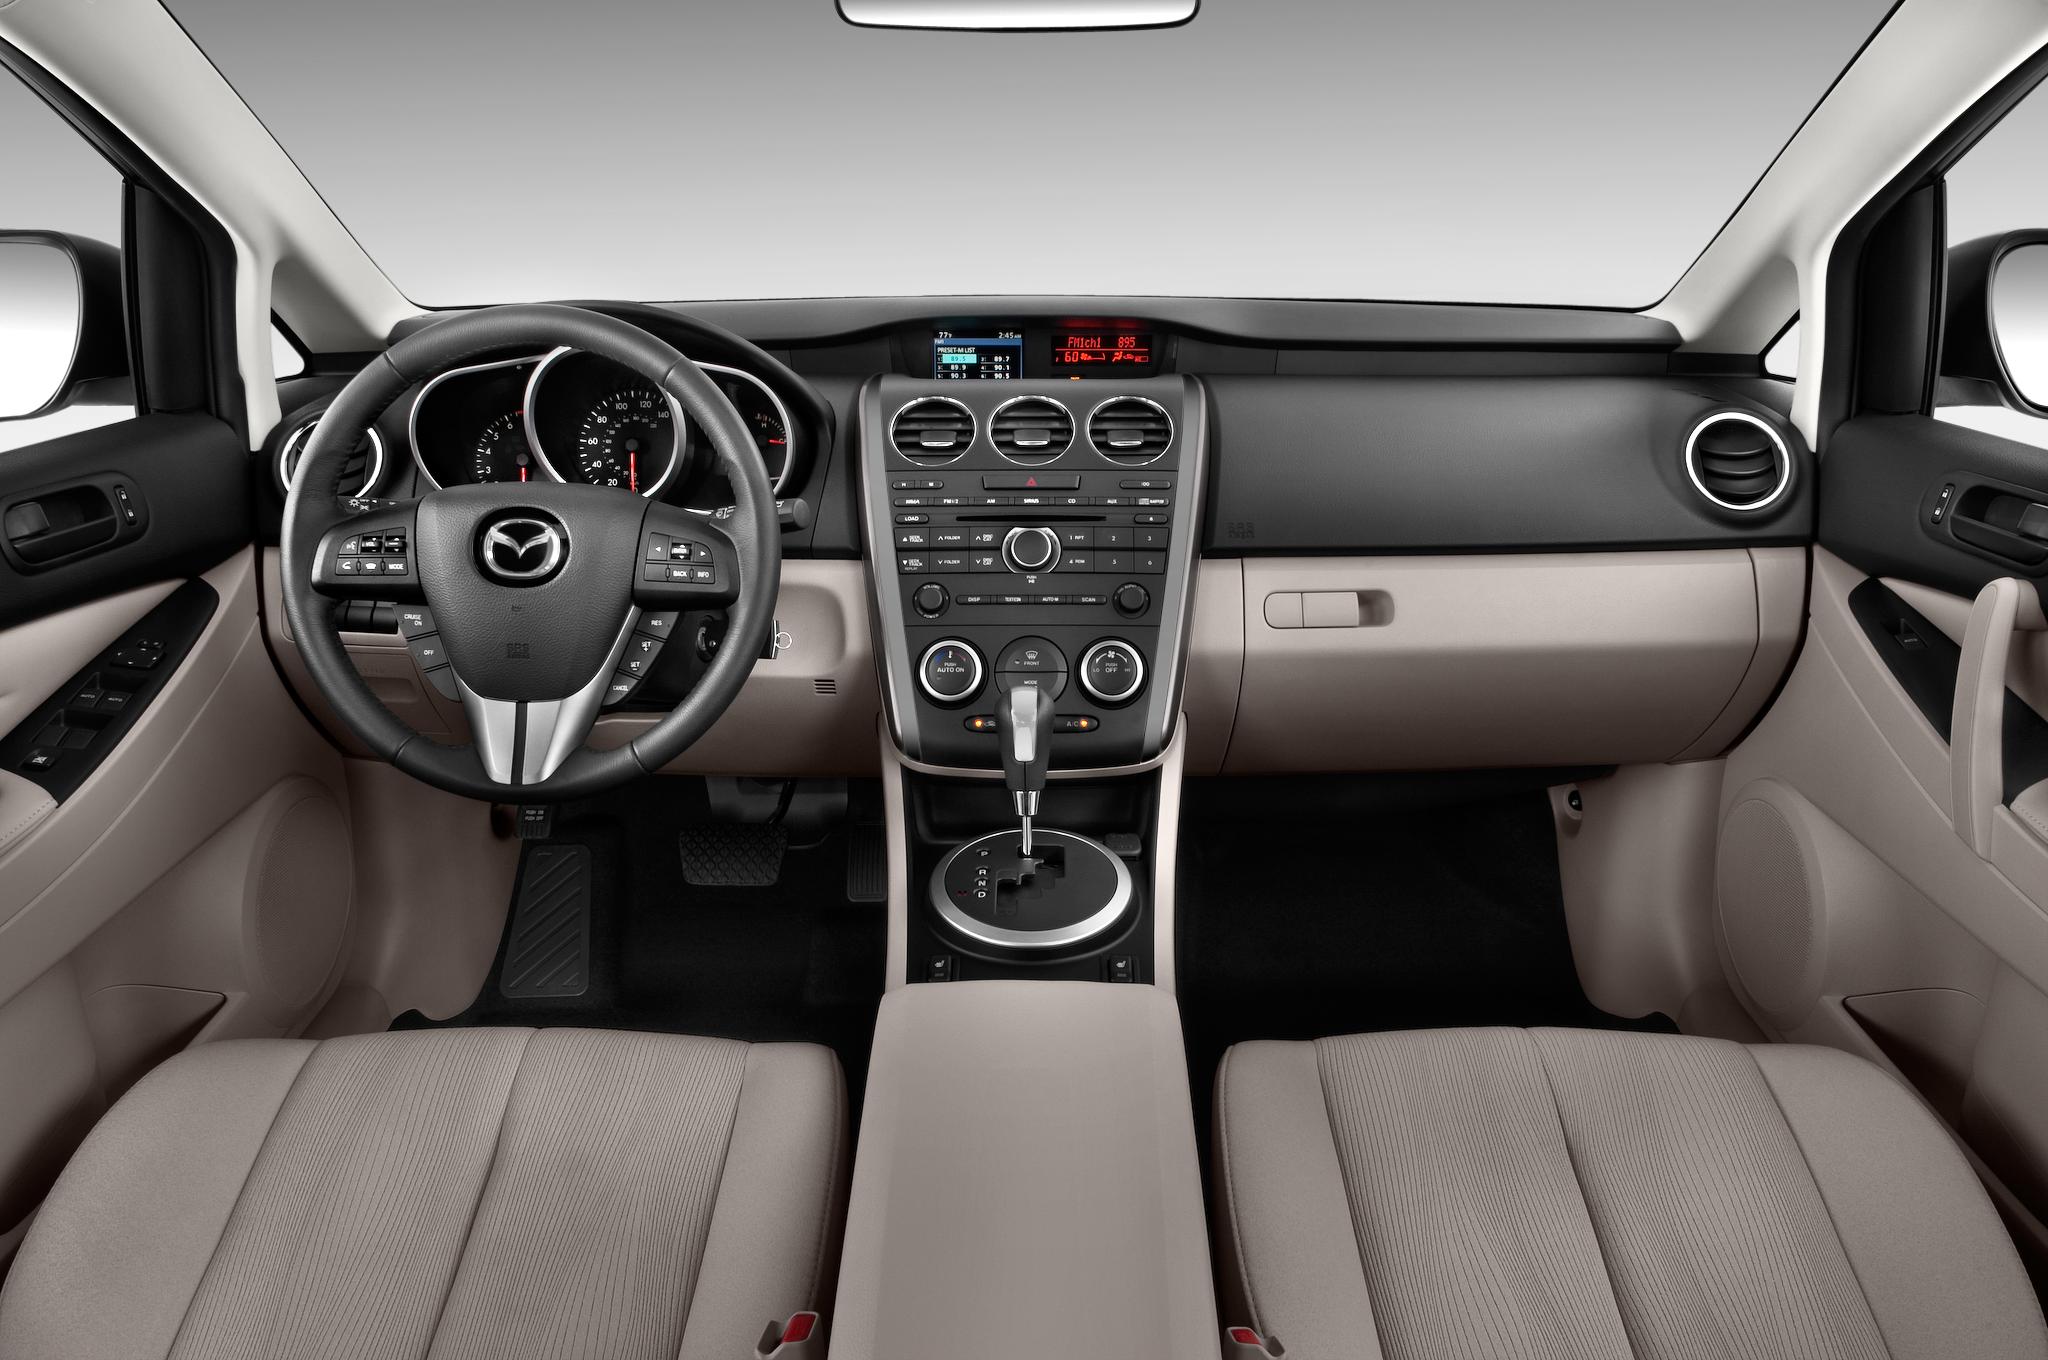 2010 Mazda CX7 i SV - Mazda Crossover SUV Review ...